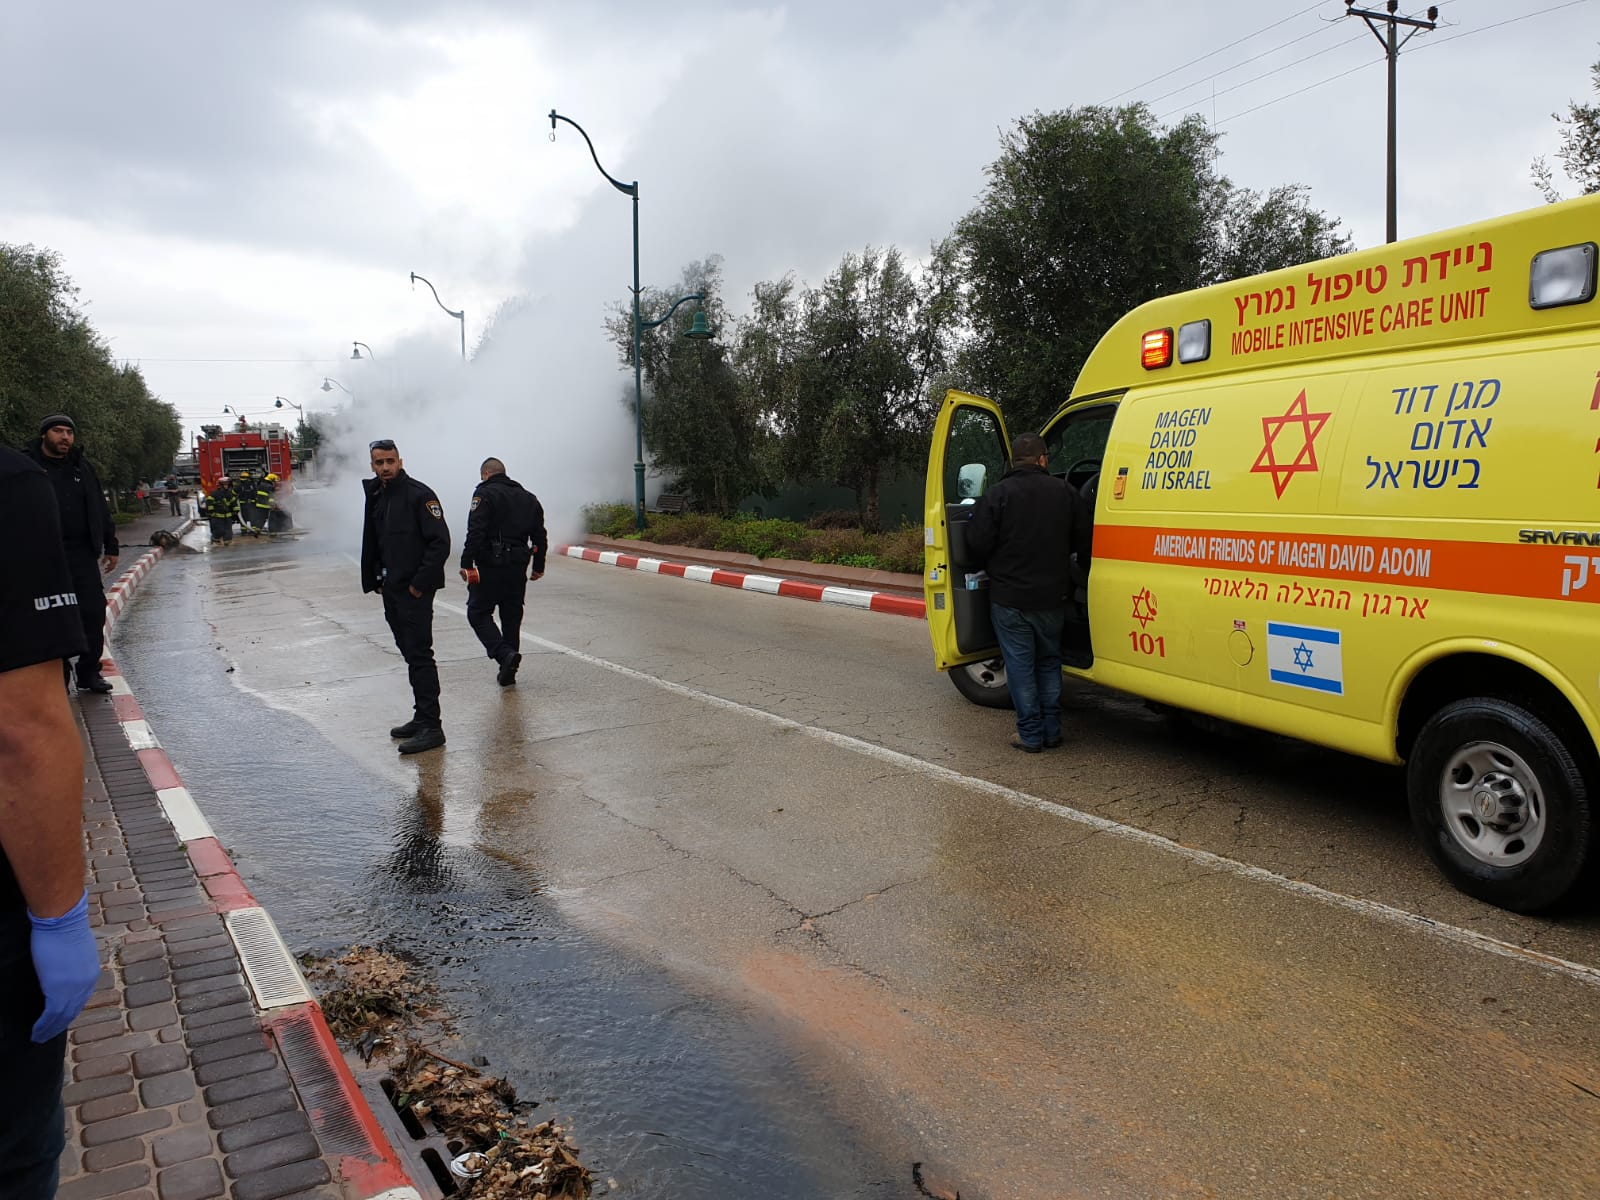 Photo of הסיבה לפיצוץ ברכב בסמוך למושב עזריאל בשרון: מיכל דלק